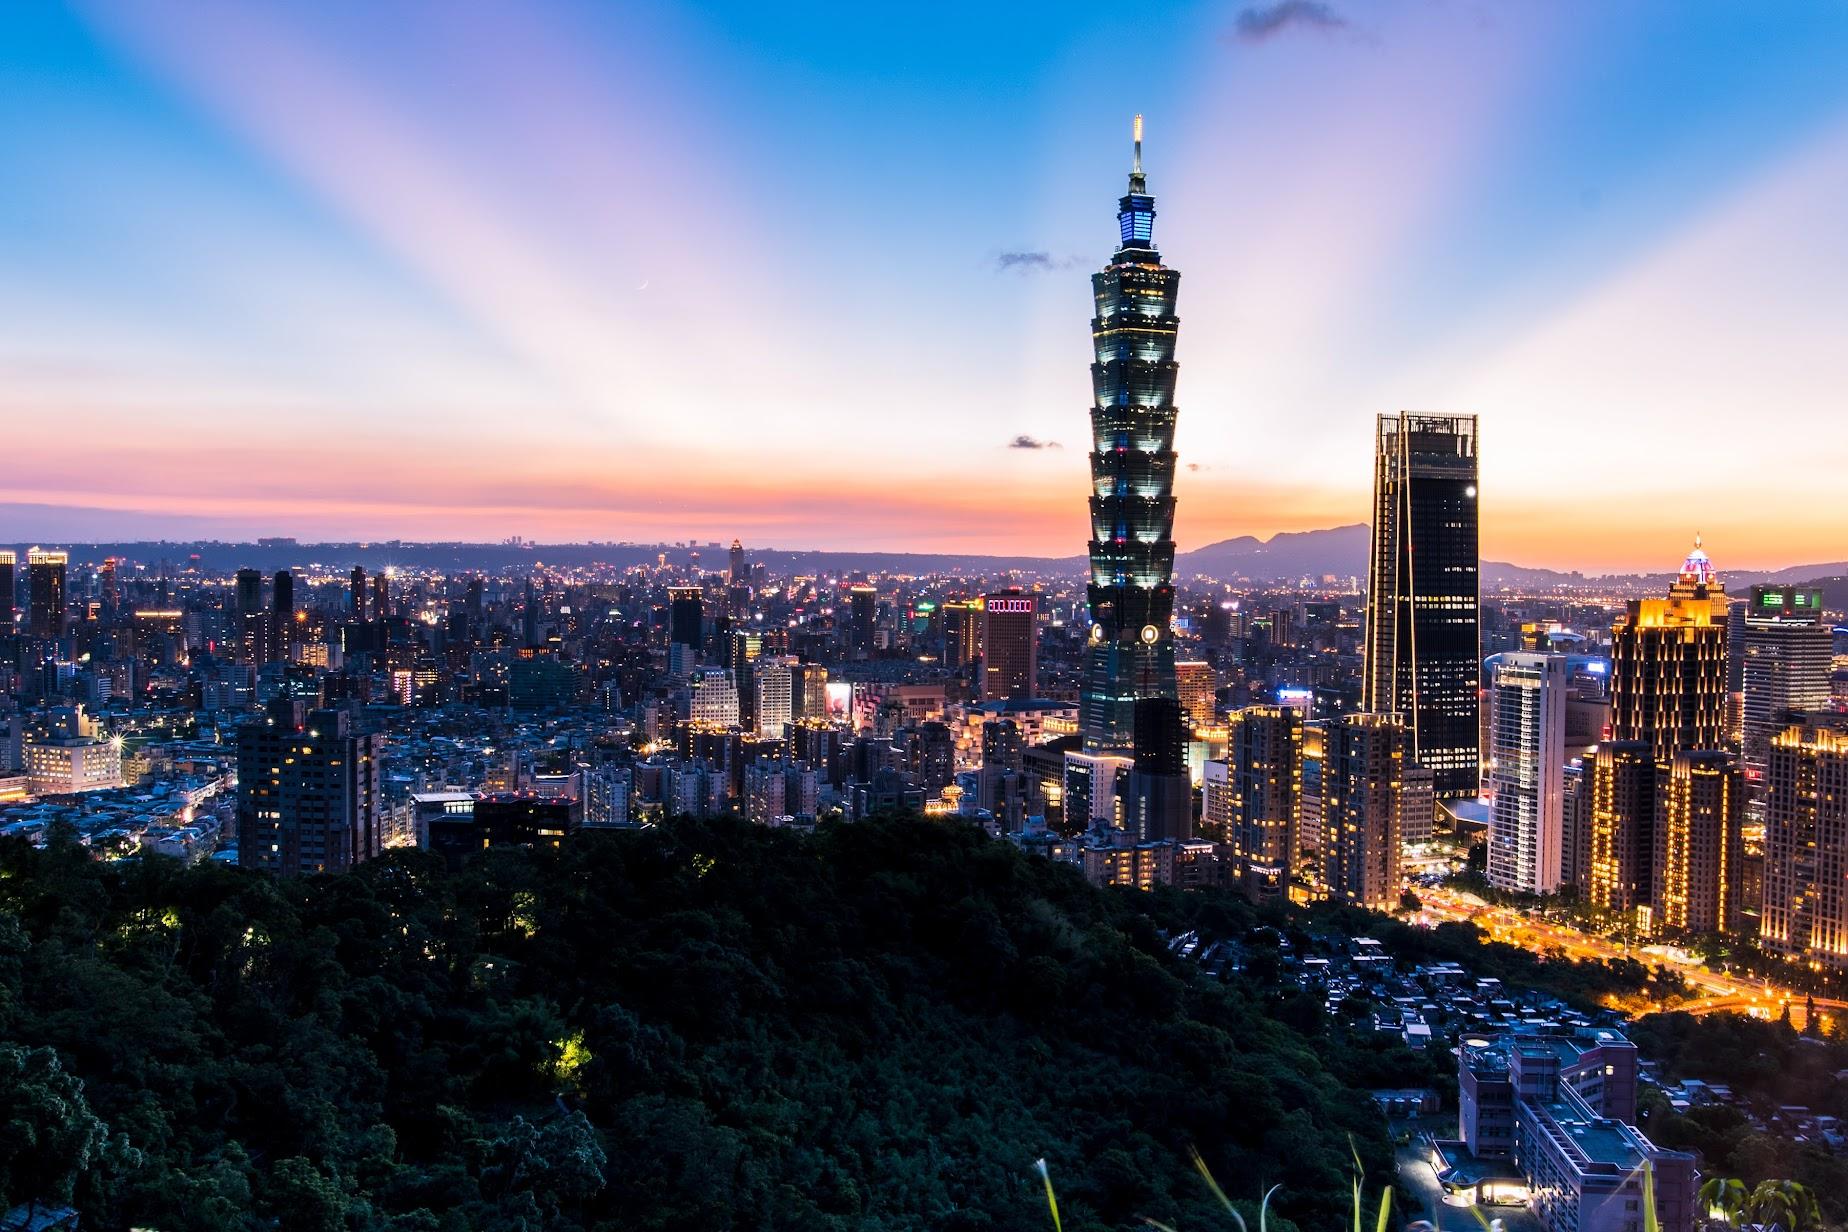 台北象山夜景是台北攝影人最喜歡的景點之一。